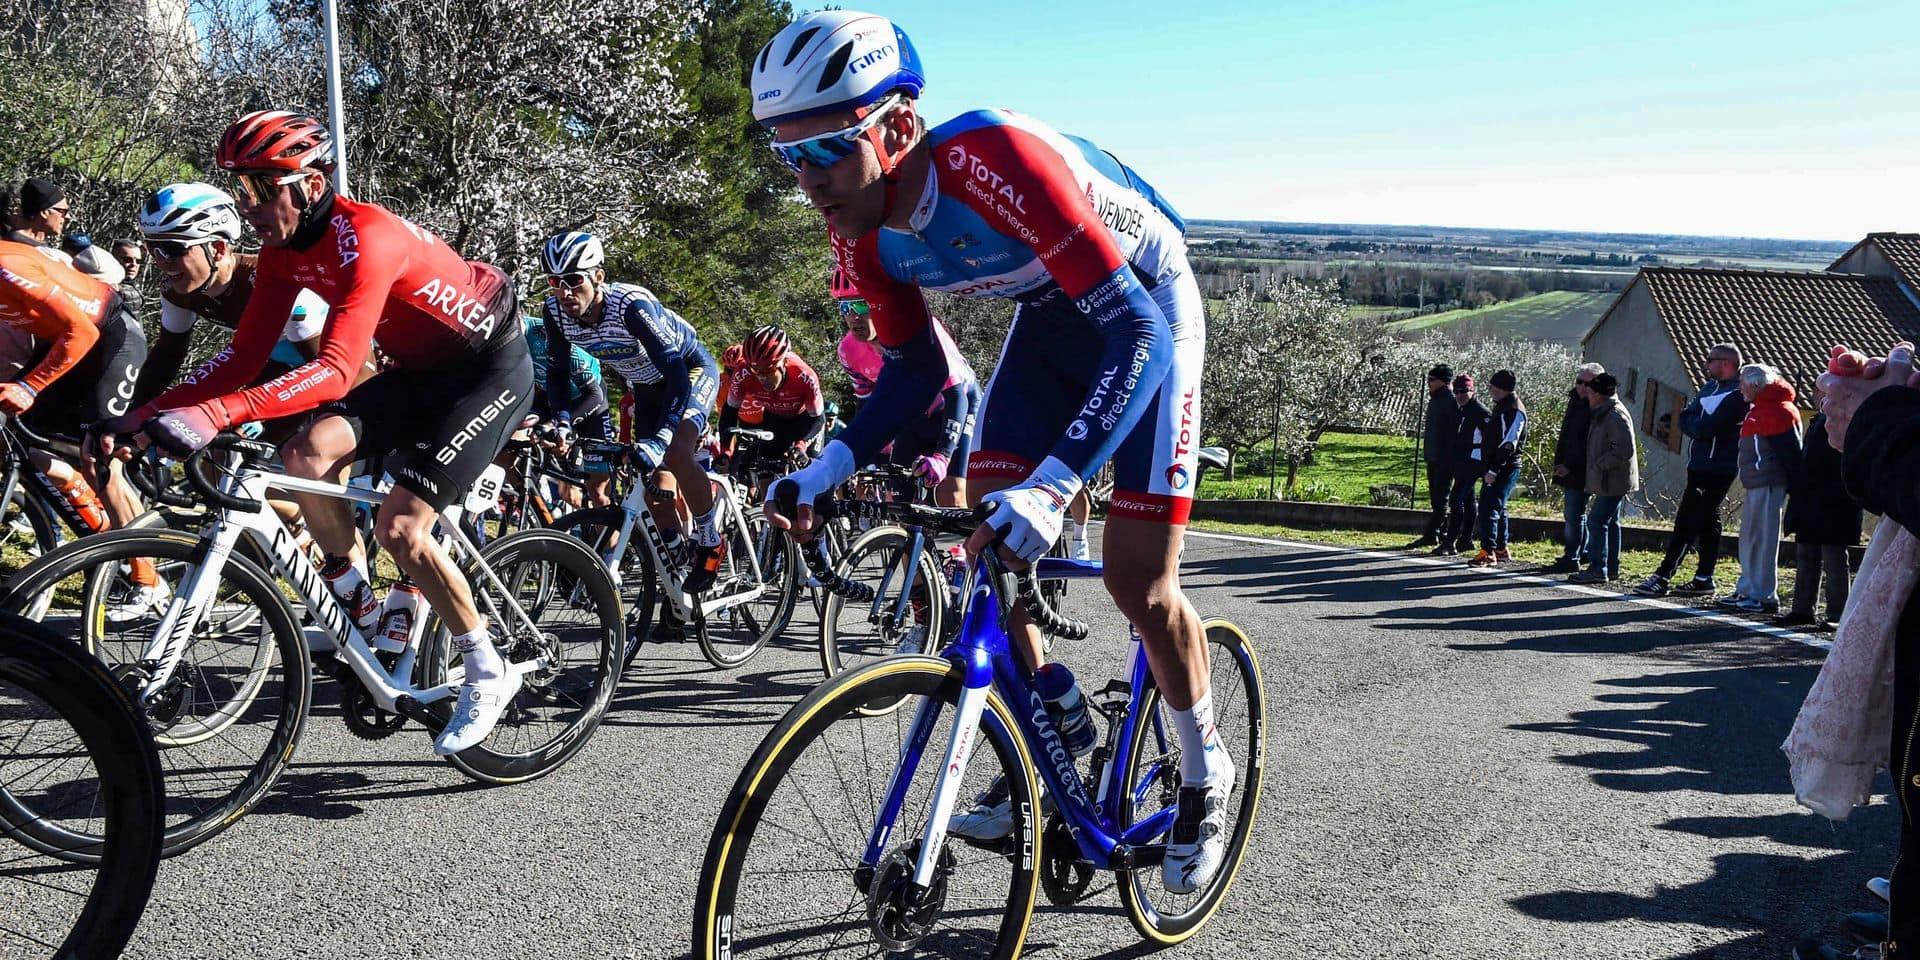 Mesures de confinement différentes entre la Belgique et la France: les coureurs cyclistes sont perdus